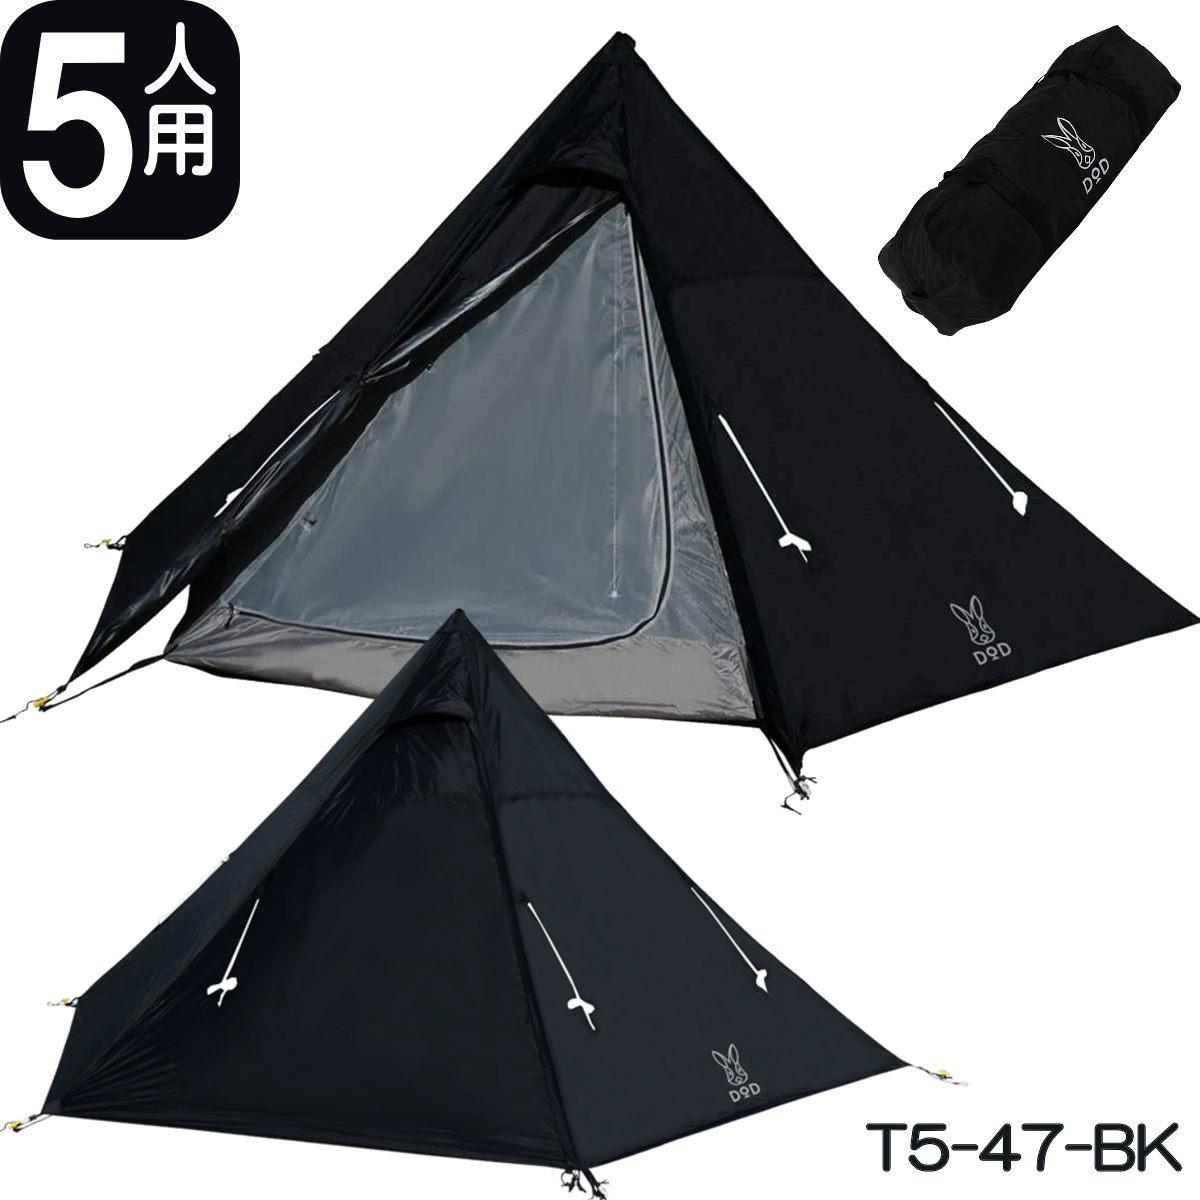 【あす楽】DOD ワンポールテント | T5-47-BK | ブラック | 5人用 | ティピー型 | 全高1.85m | Y型ペグ付属 | 耐水圧5000mm